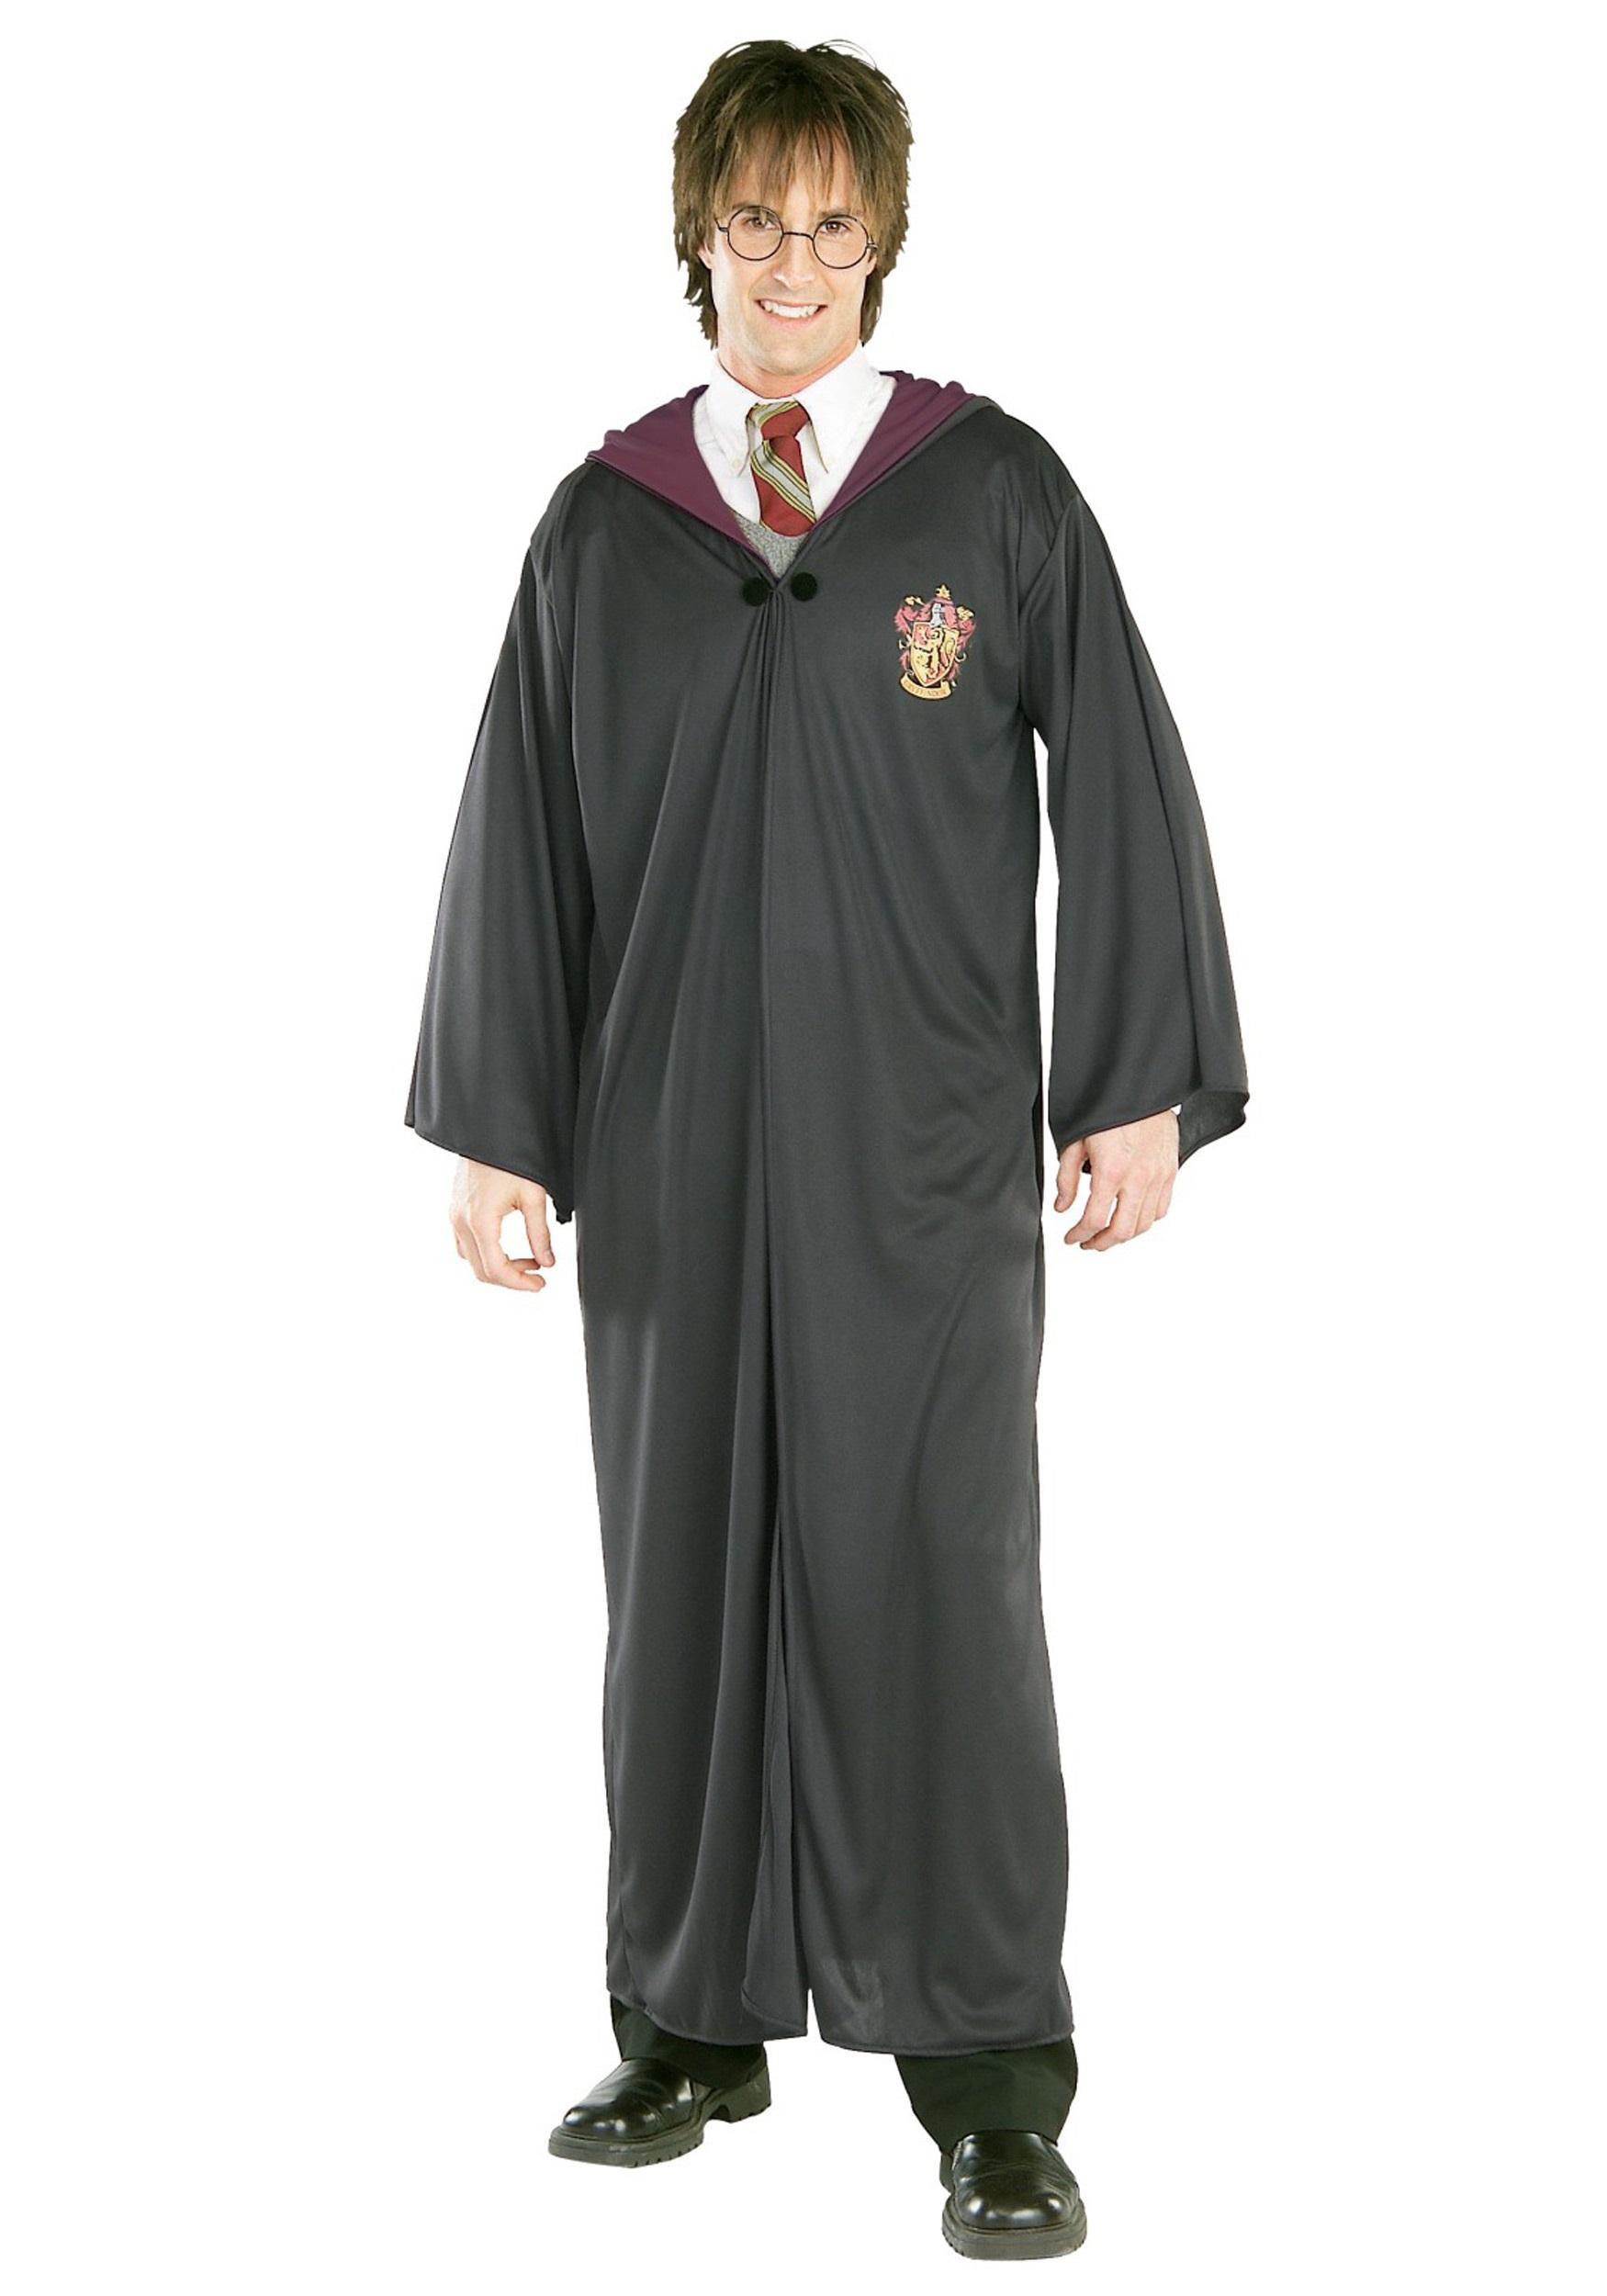 Harry Potter Wizard Gryffindor Robe